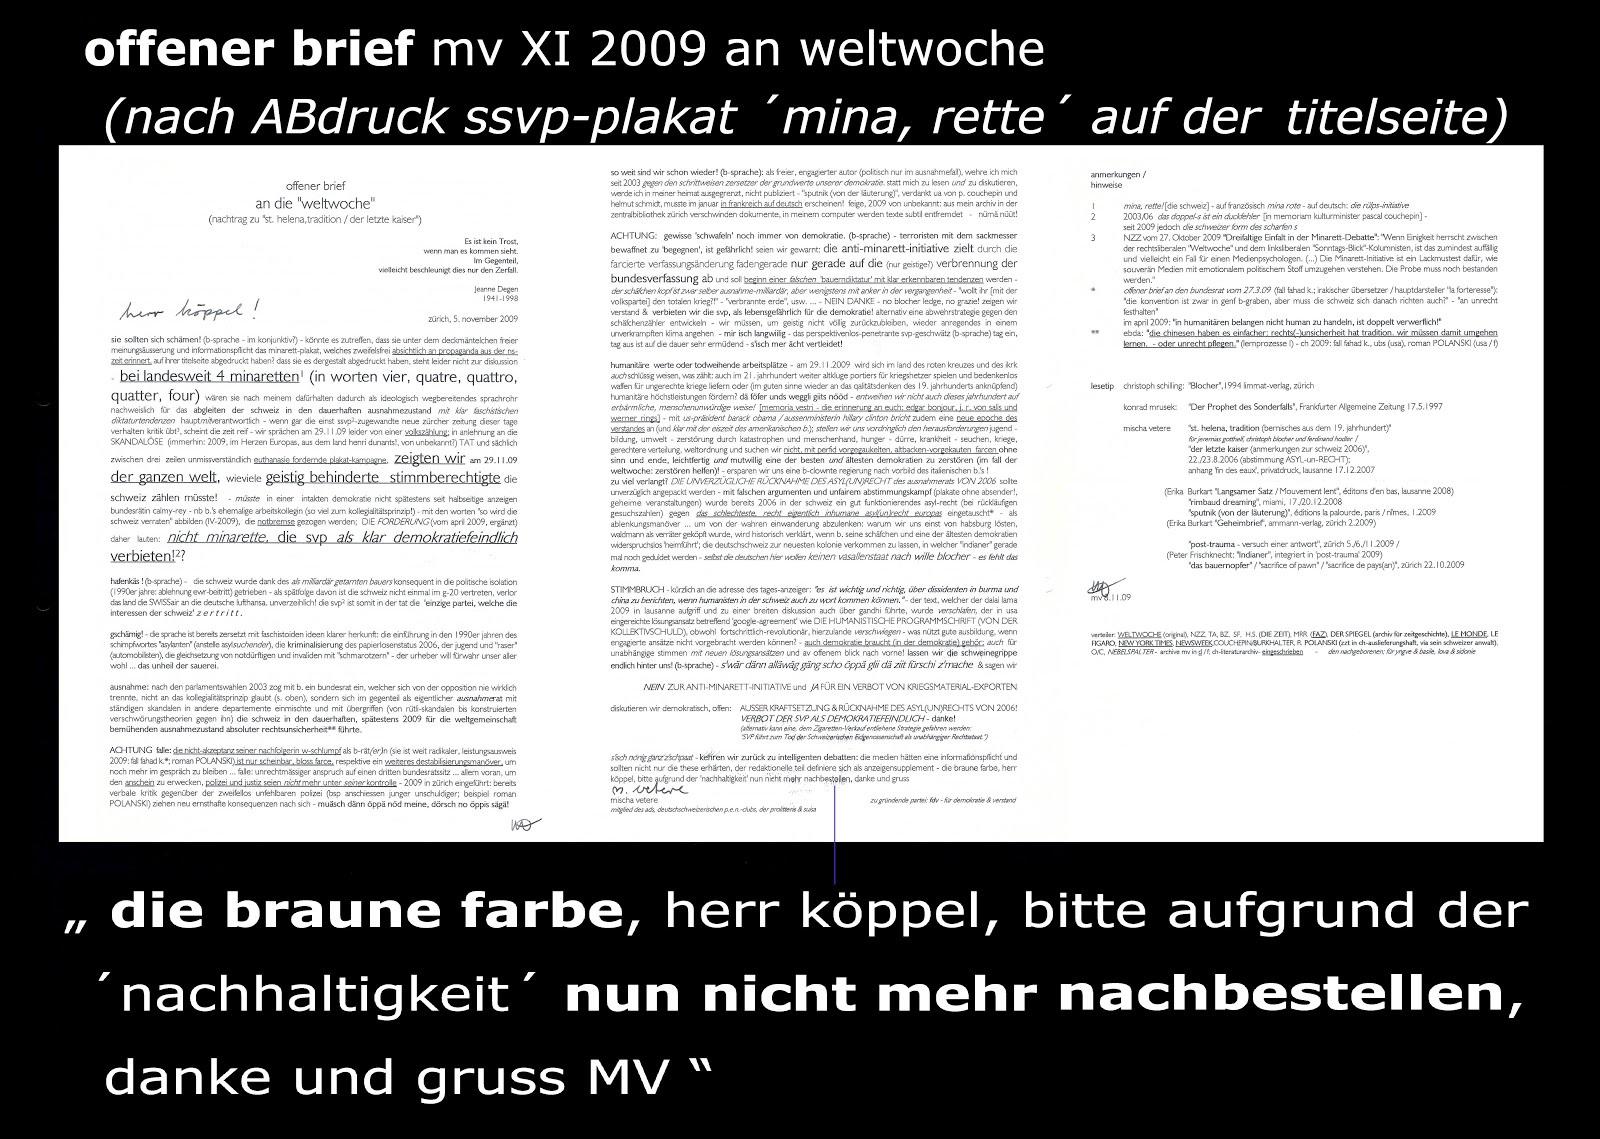 simonetta sommaruga neue zürcher zeitung offener brief an weltwoche köppel von mischa vetere 2009